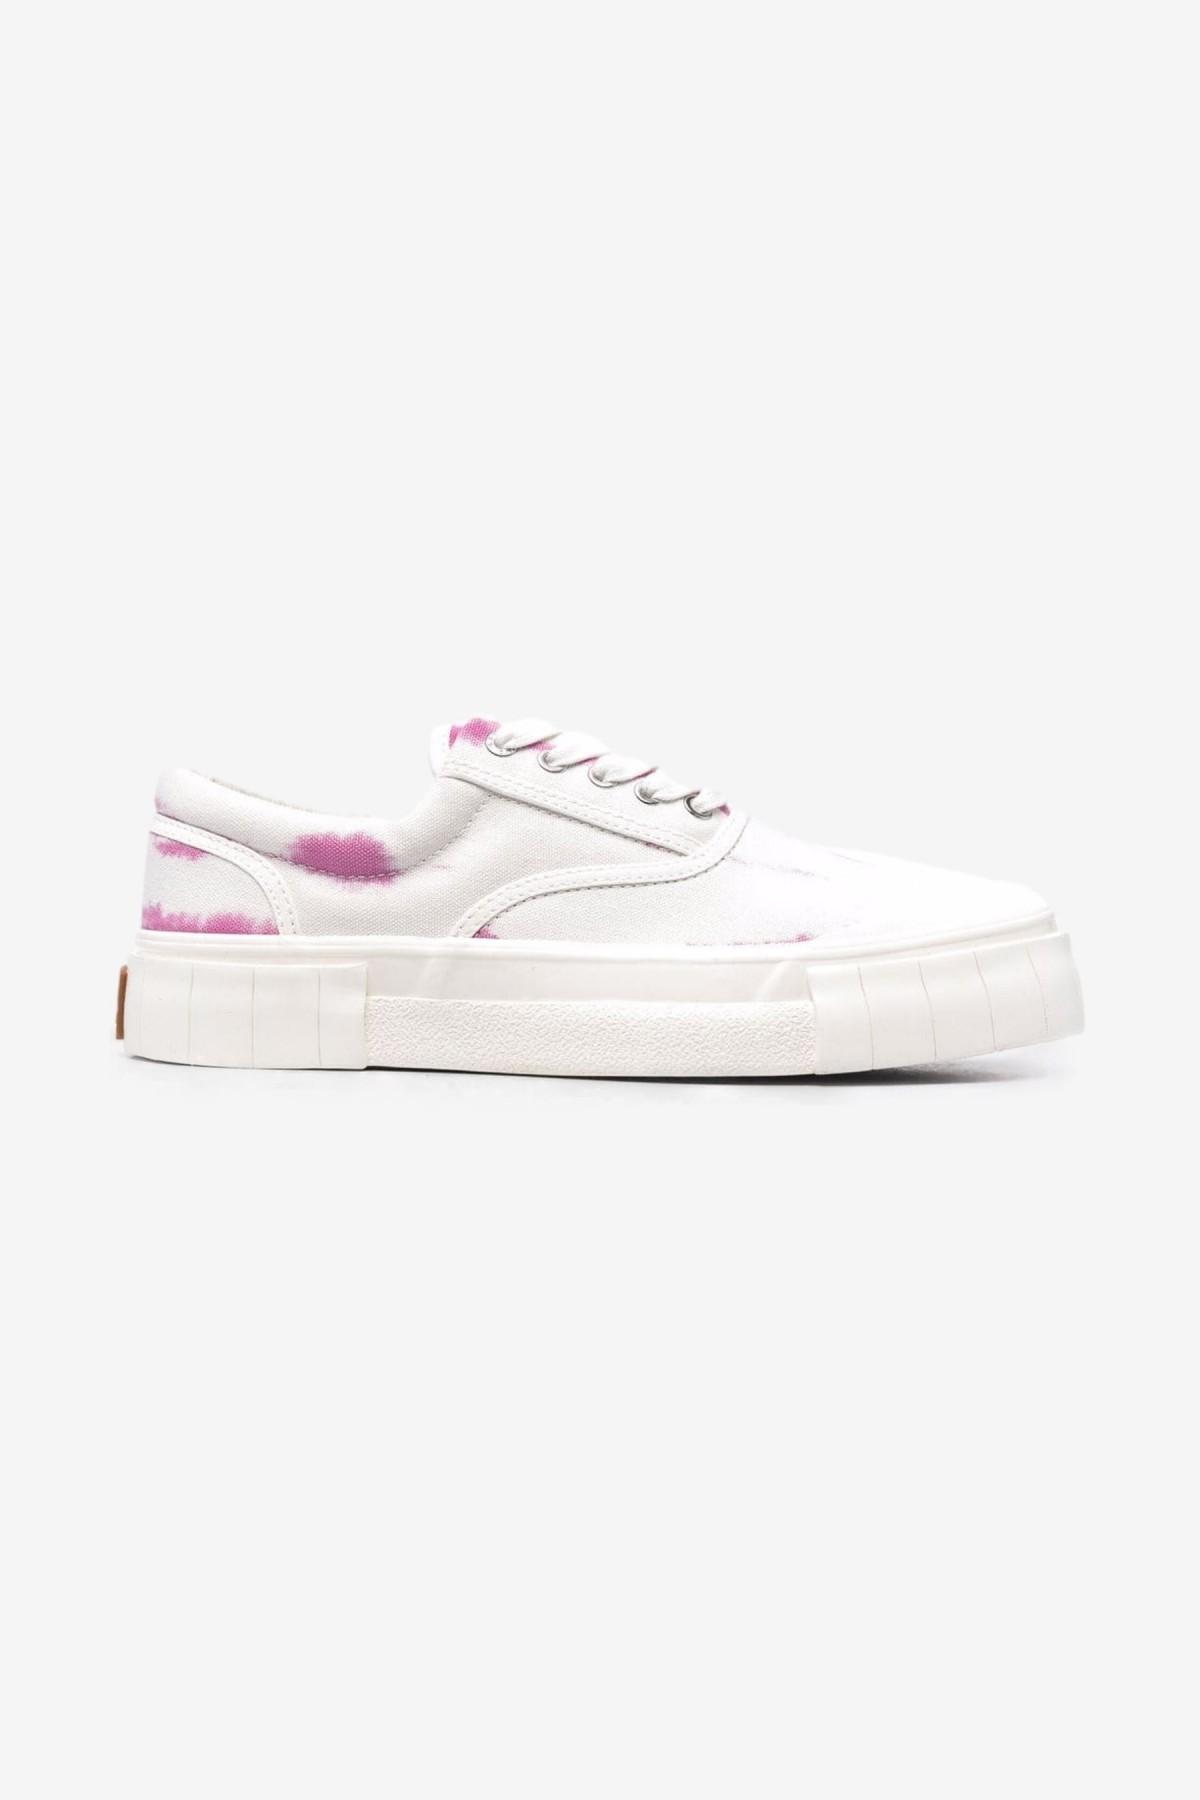 Good News Footwear Opal in Purple